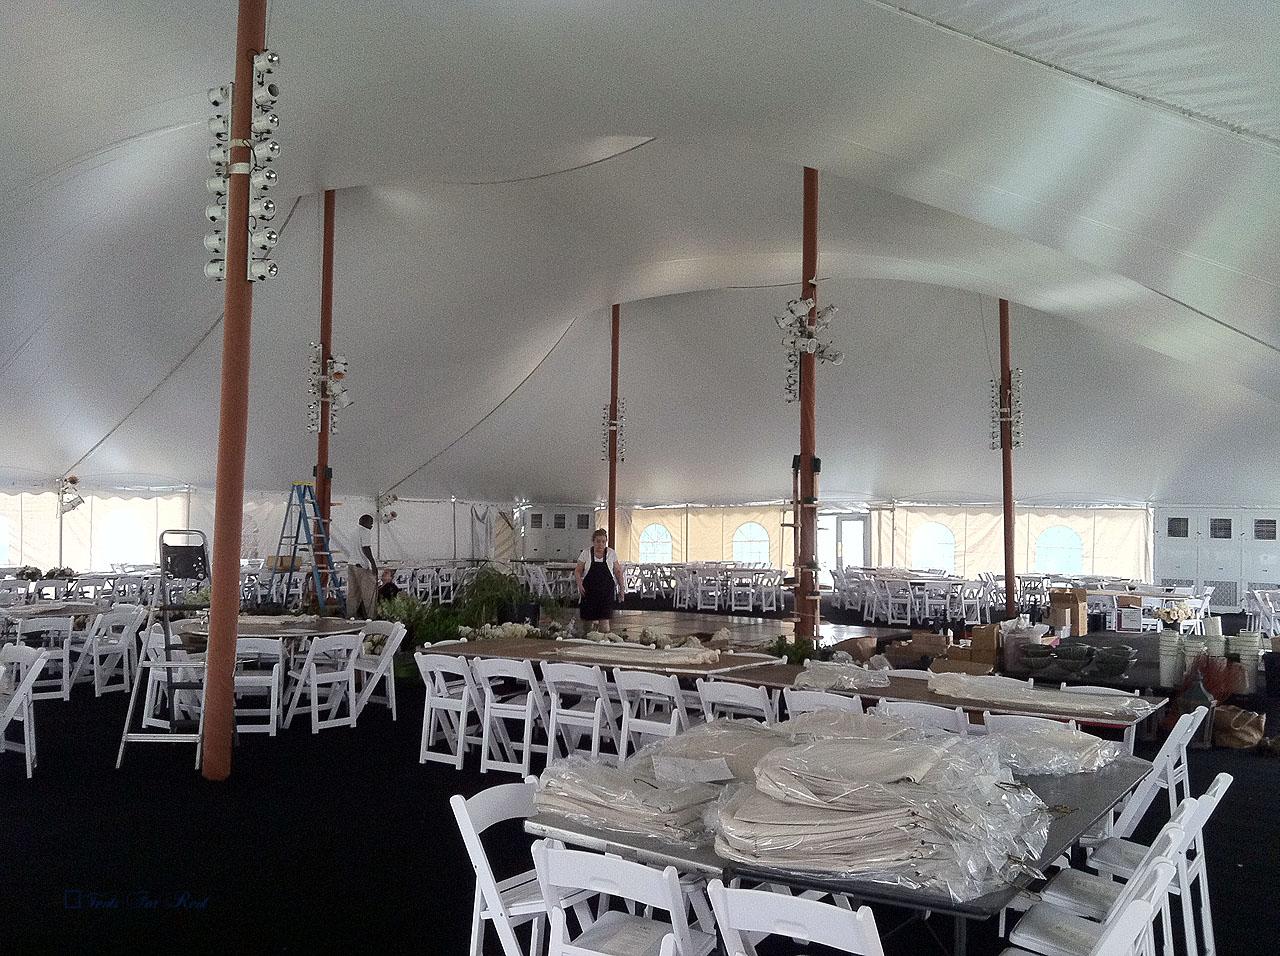 Wedding rentals in Manheim PA